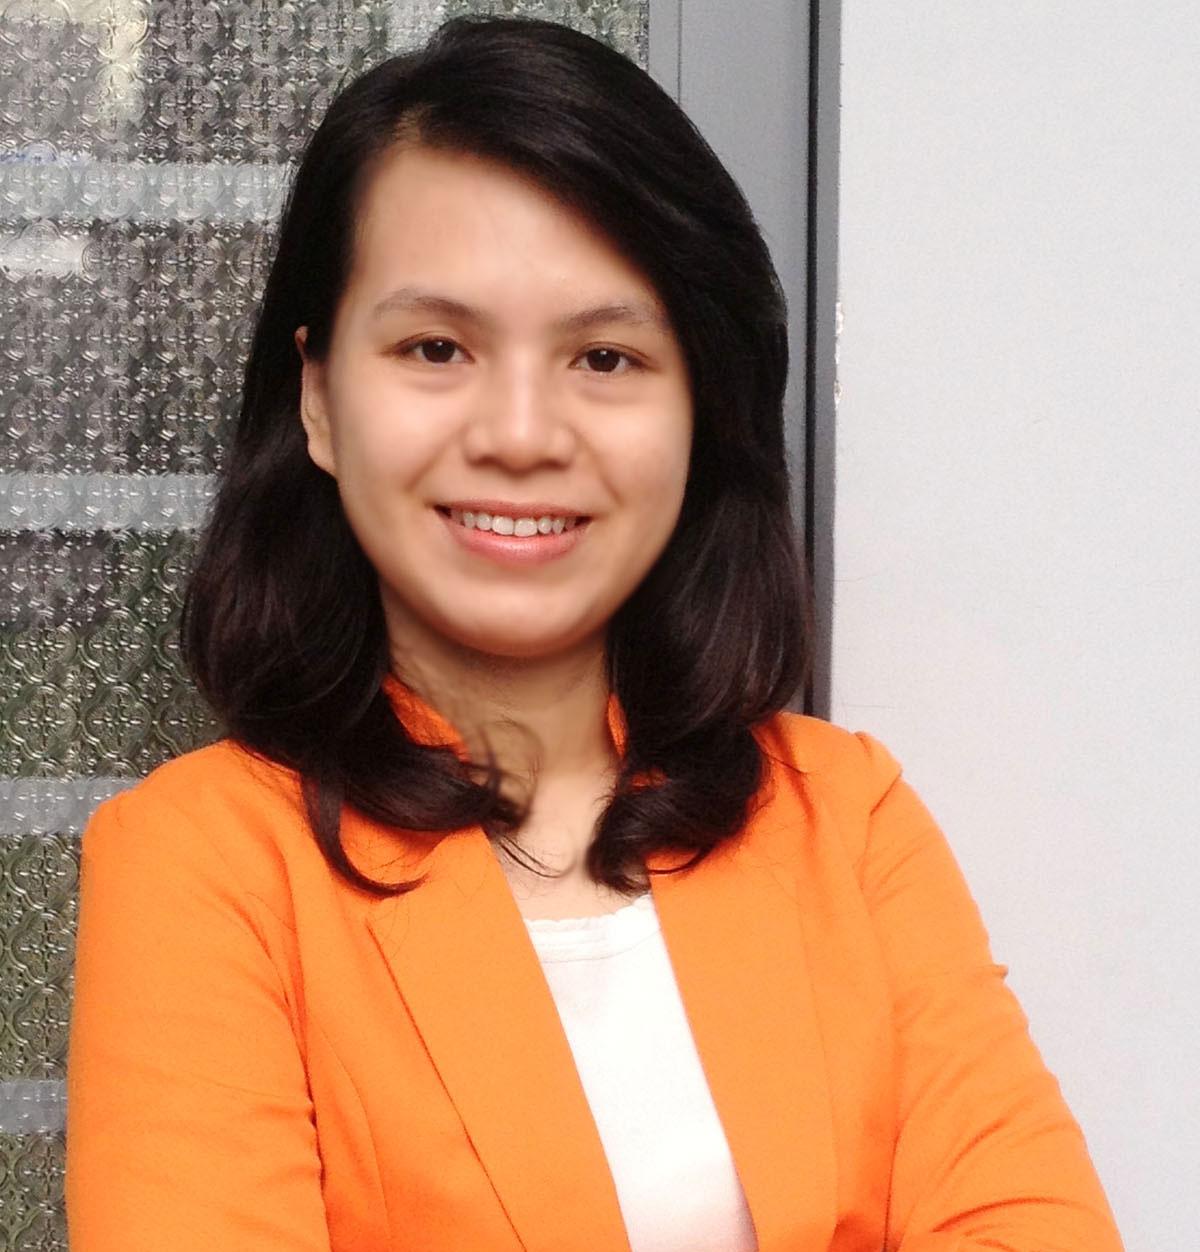 Ms. Huyền Trang